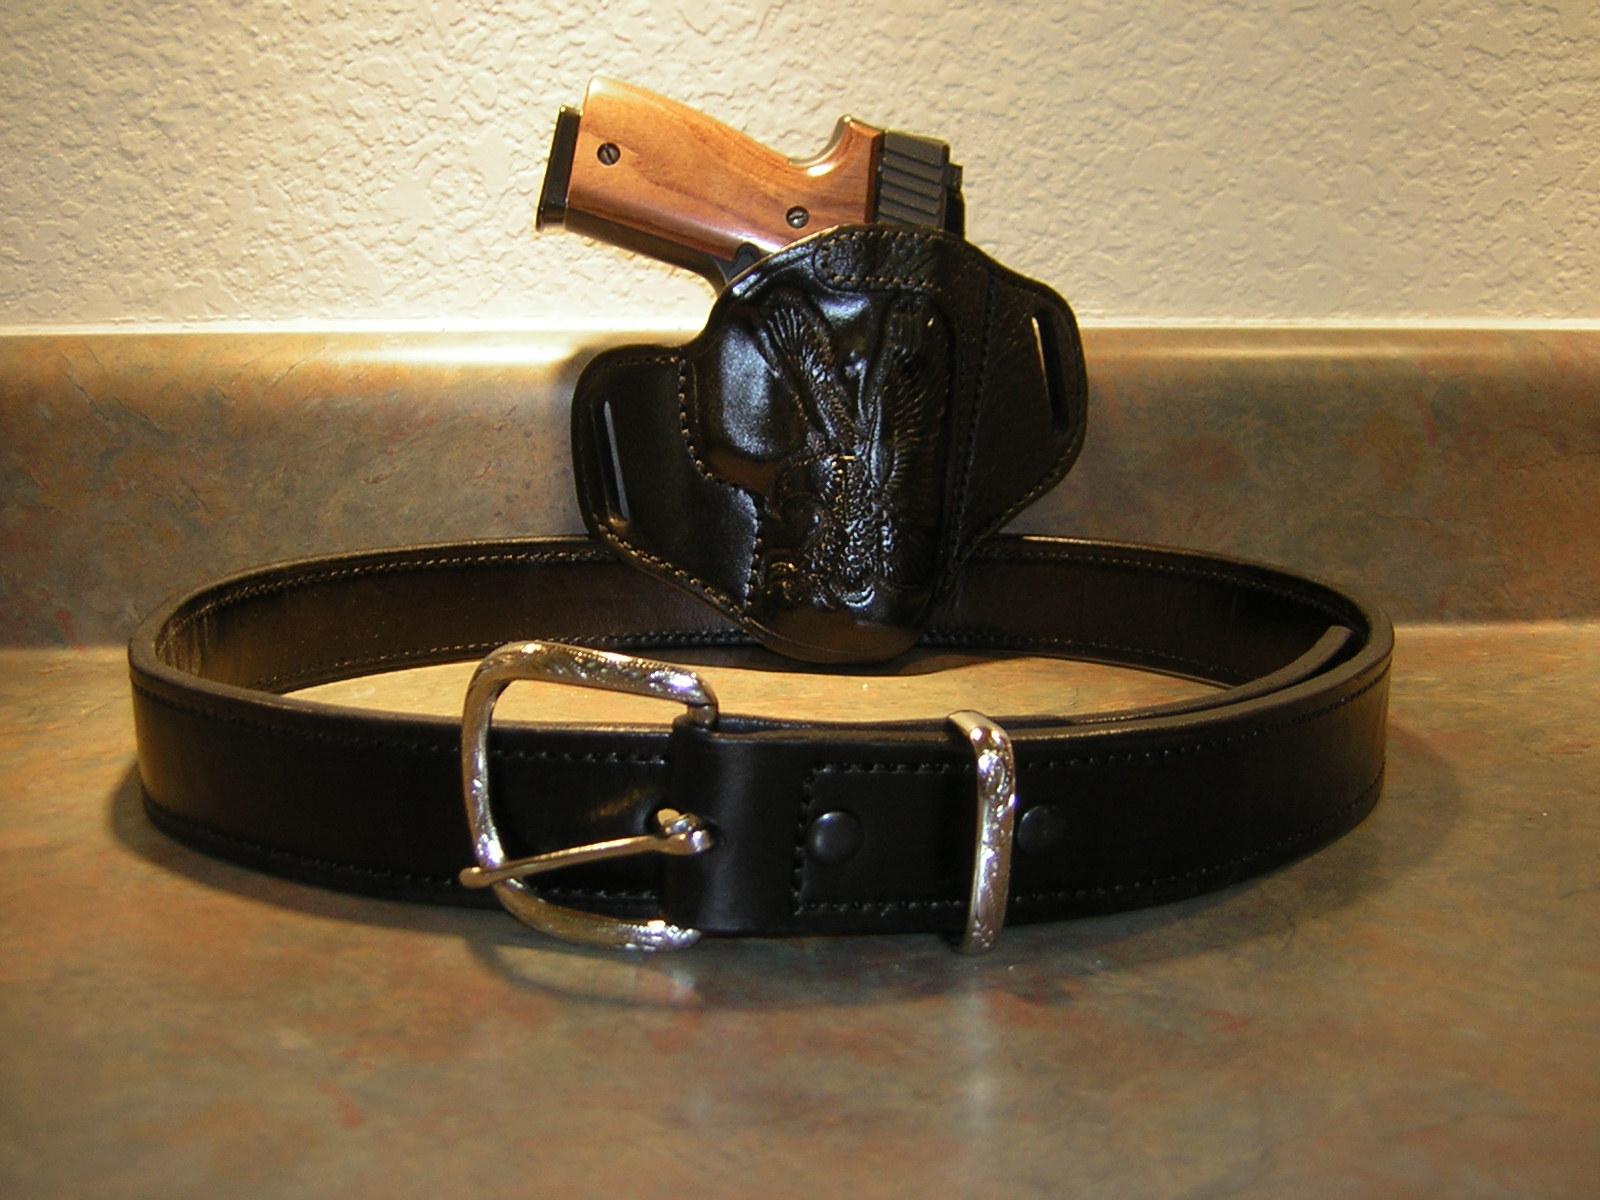 New K&D Holster and belt-dscn0433.jpg